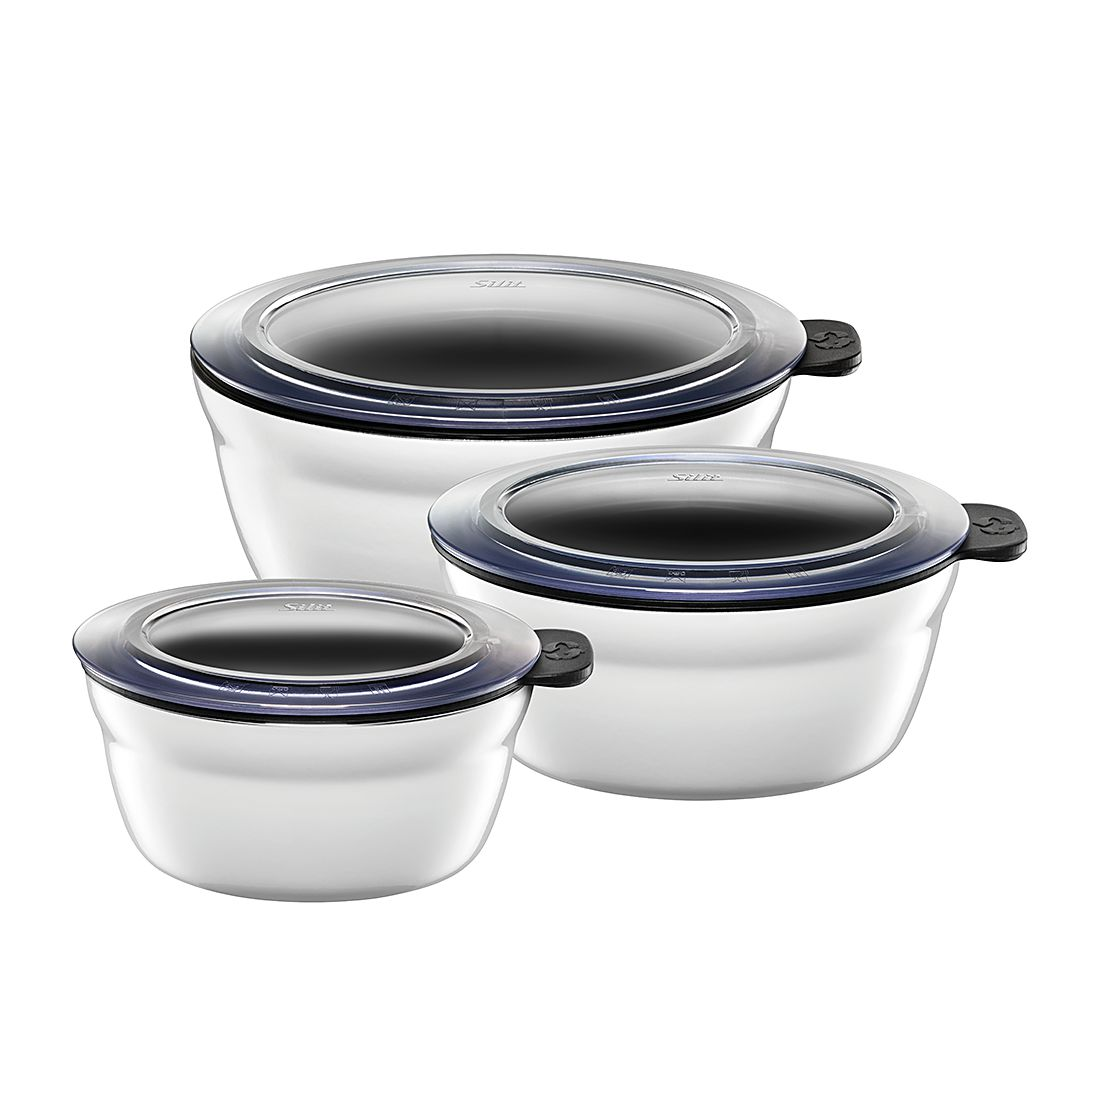 fresh bowls set 3 teilig polar white silit g nstig online kaufen. Black Bedroom Furniture Sets. Home Design Ideas